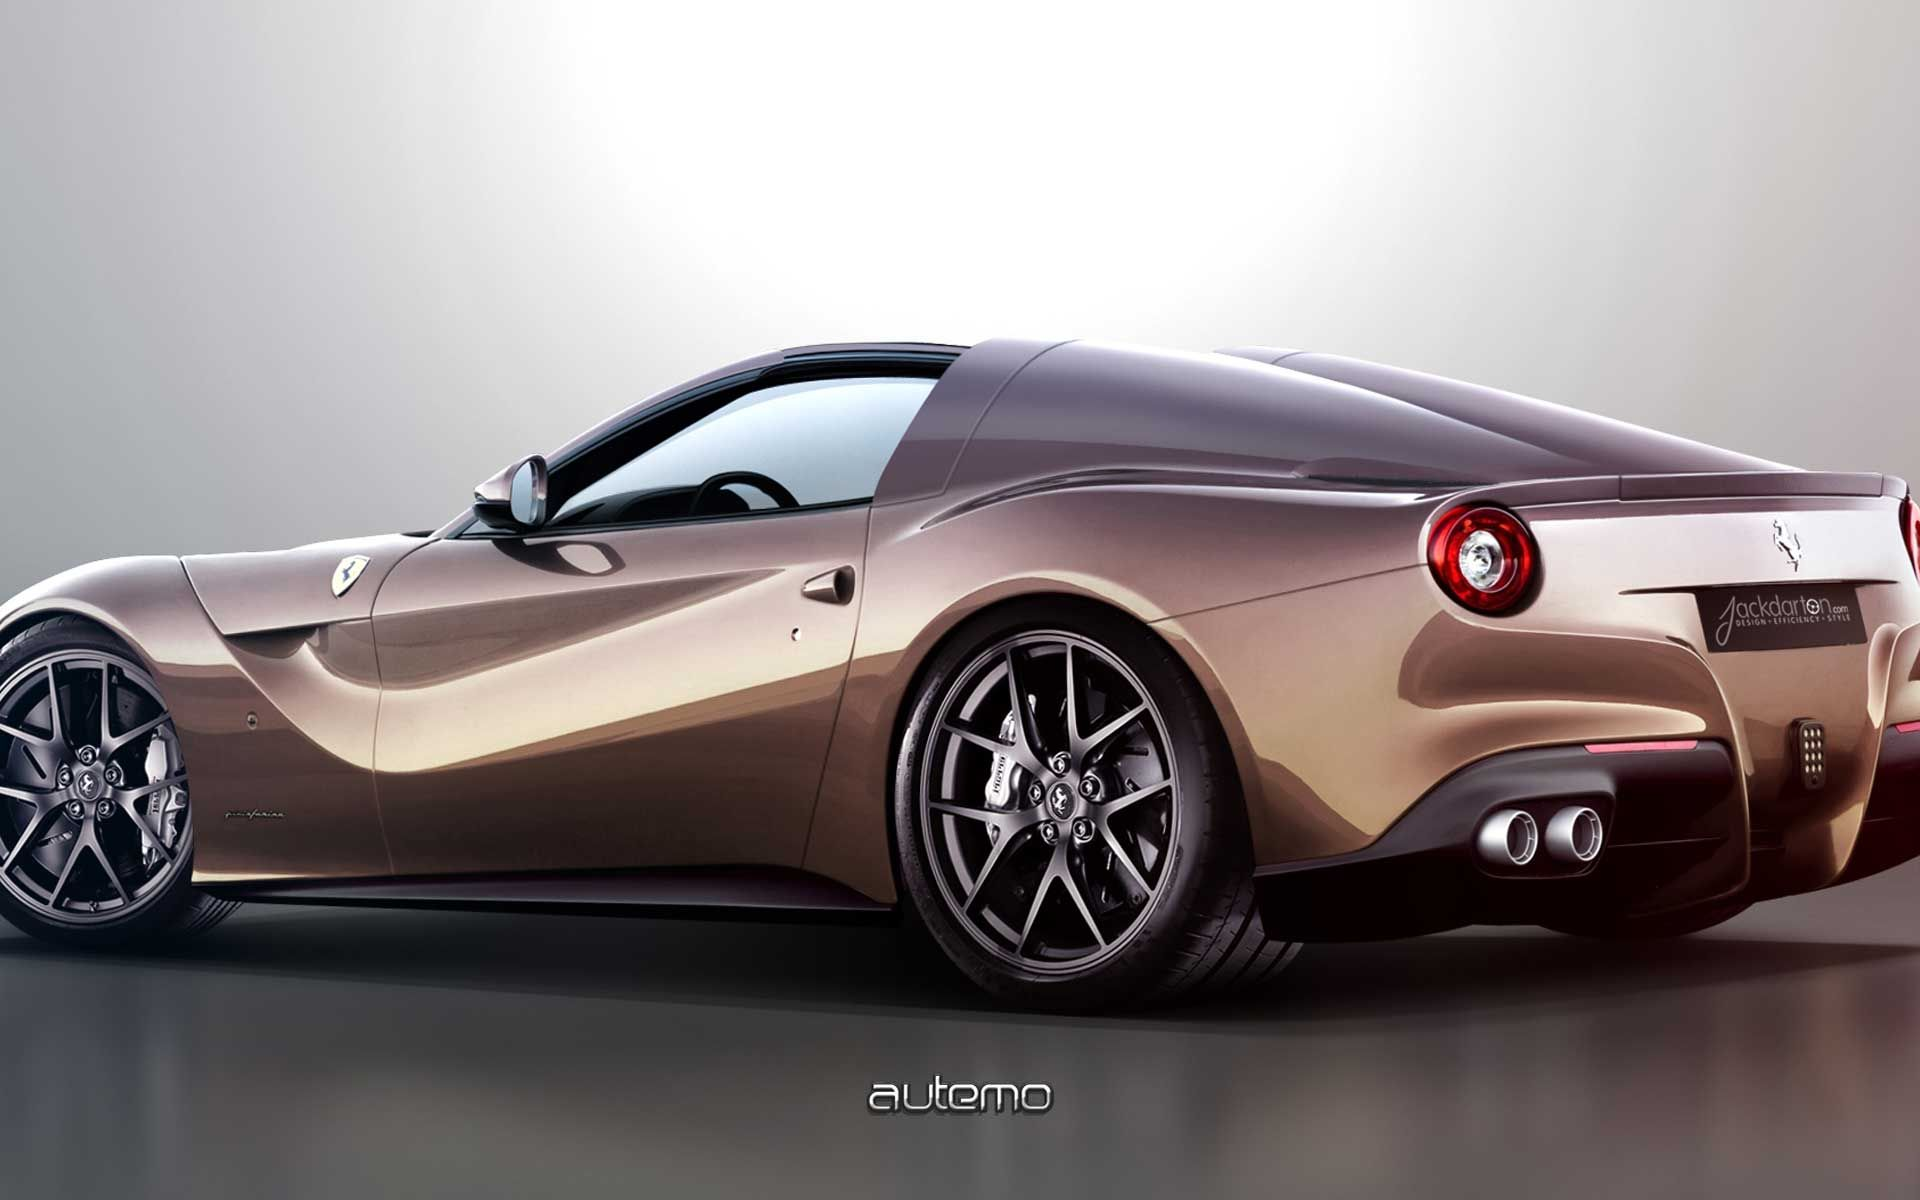 f571170f21df68e39f6eb53f4acf94d2 Terrific Ferrari Mondial Cabrio In Vendita Cars Trend